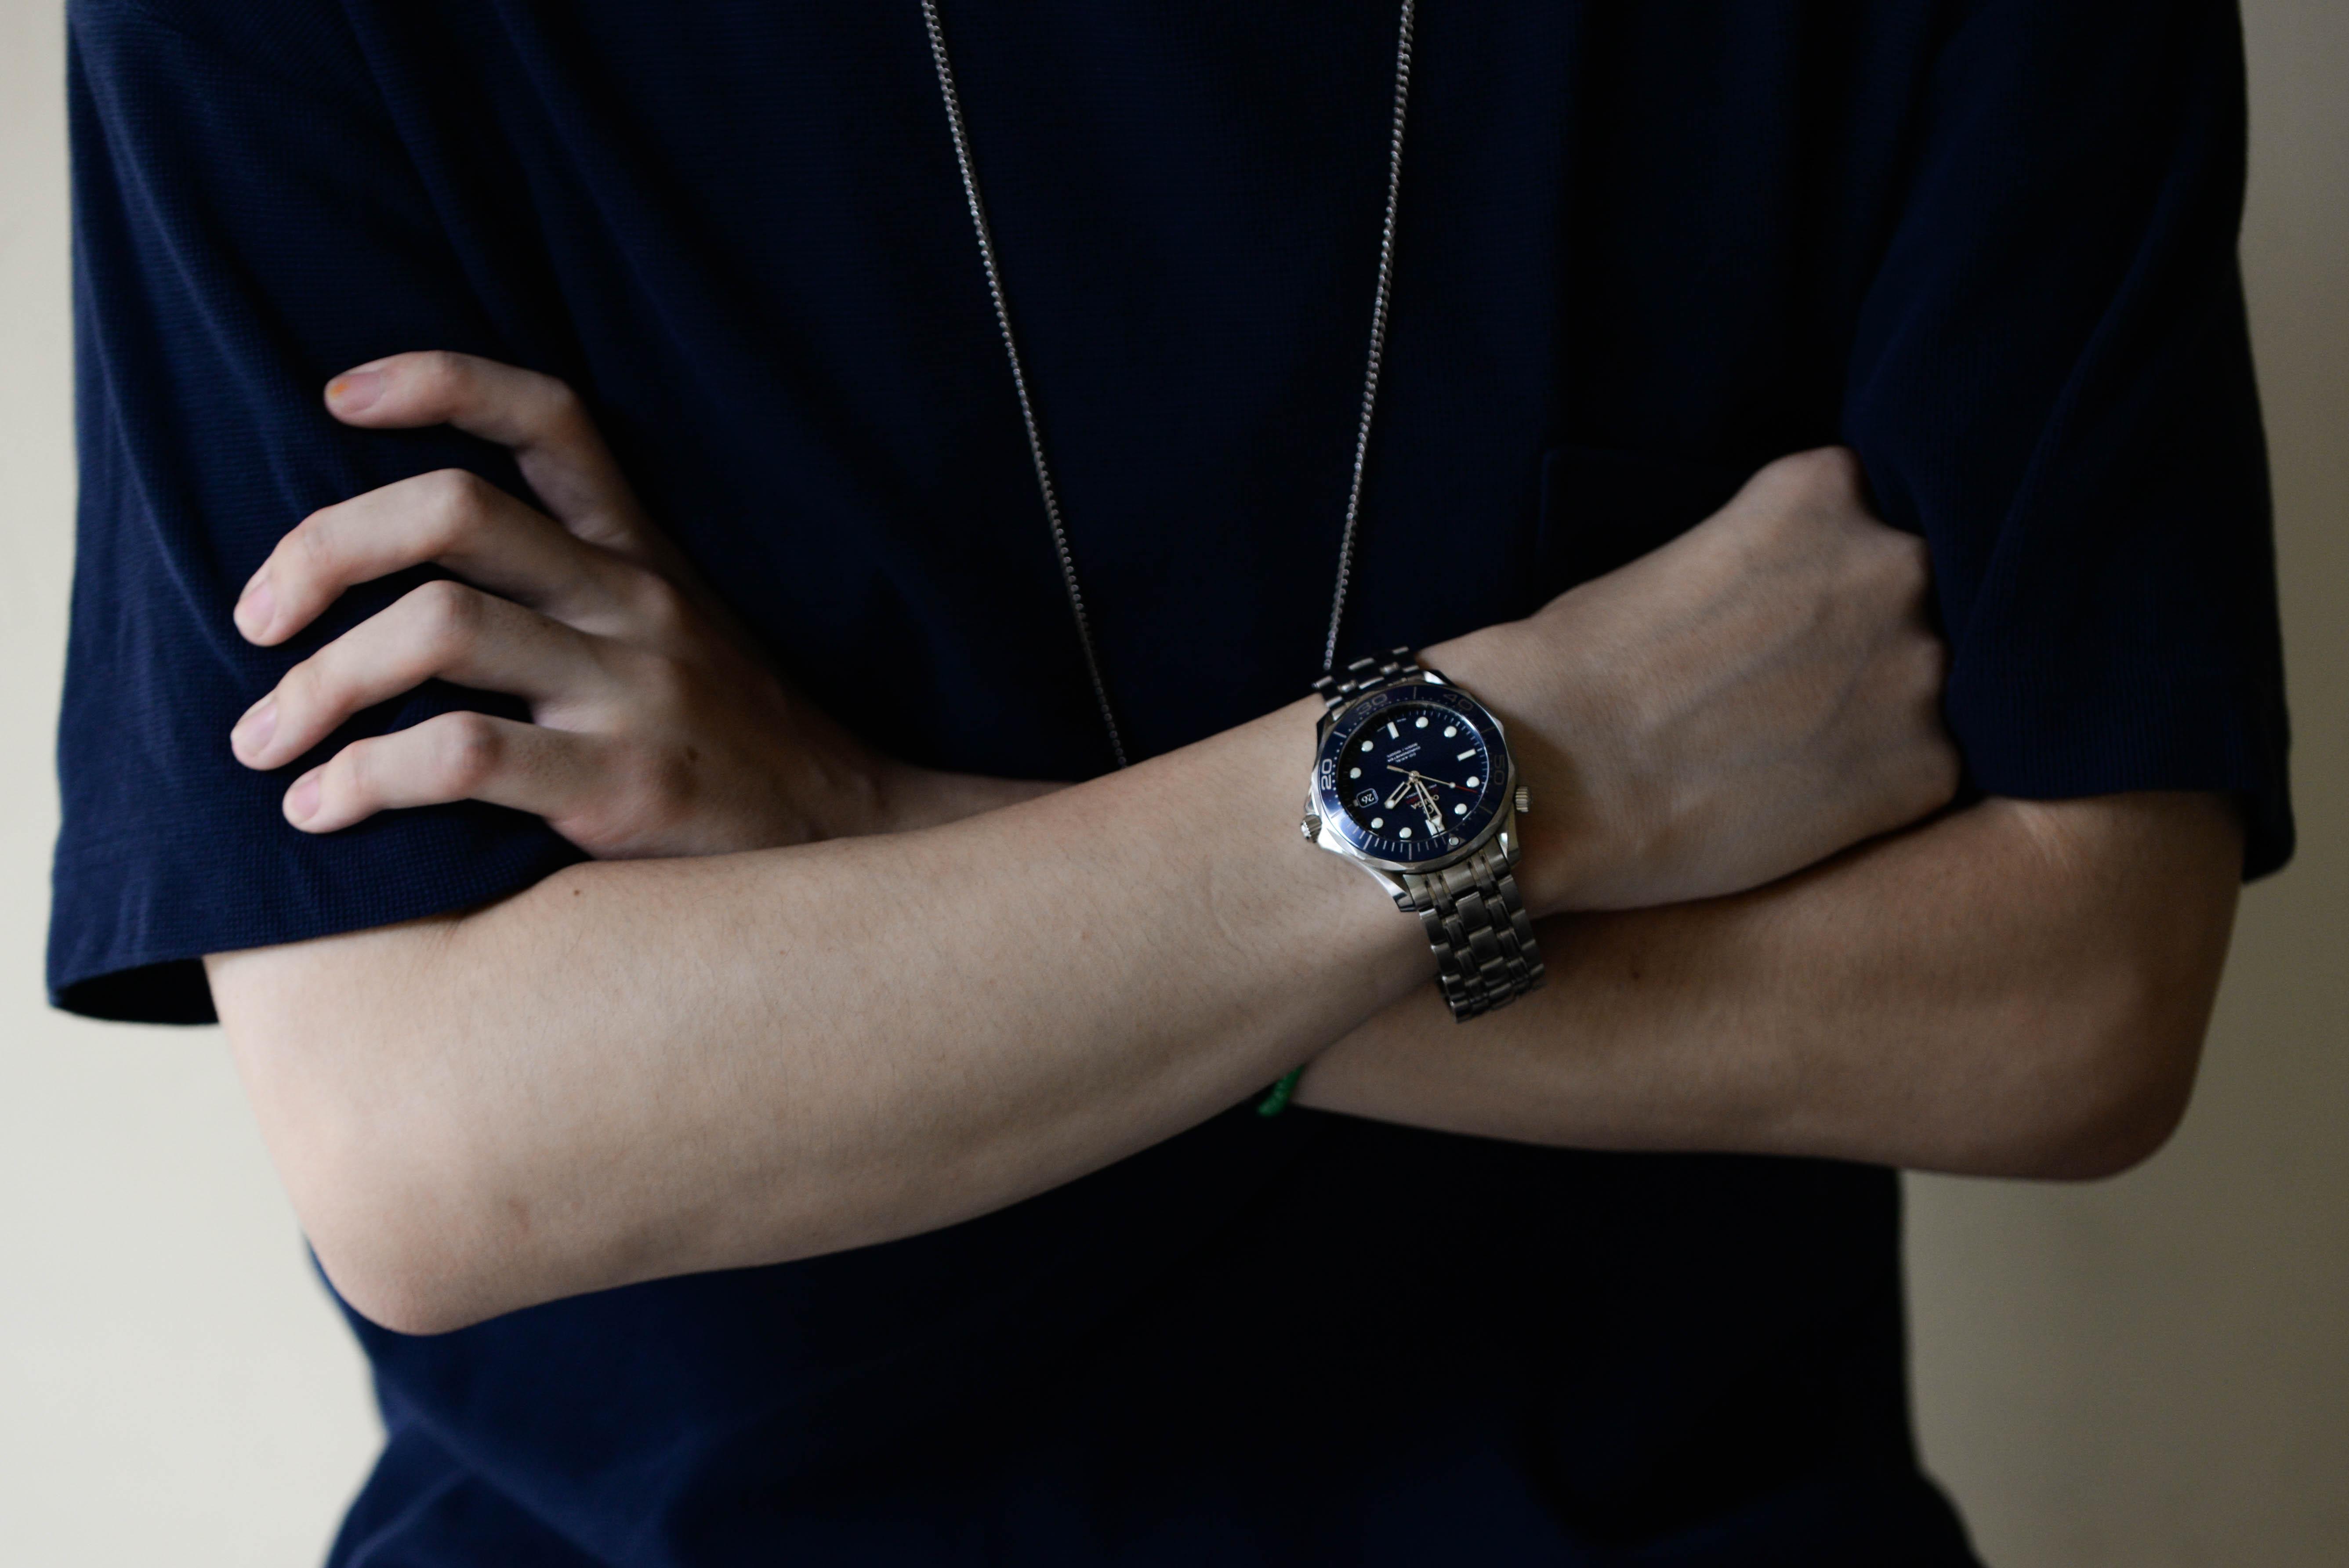 井上さんの腕時計はシーマスター プロフェショナル 300